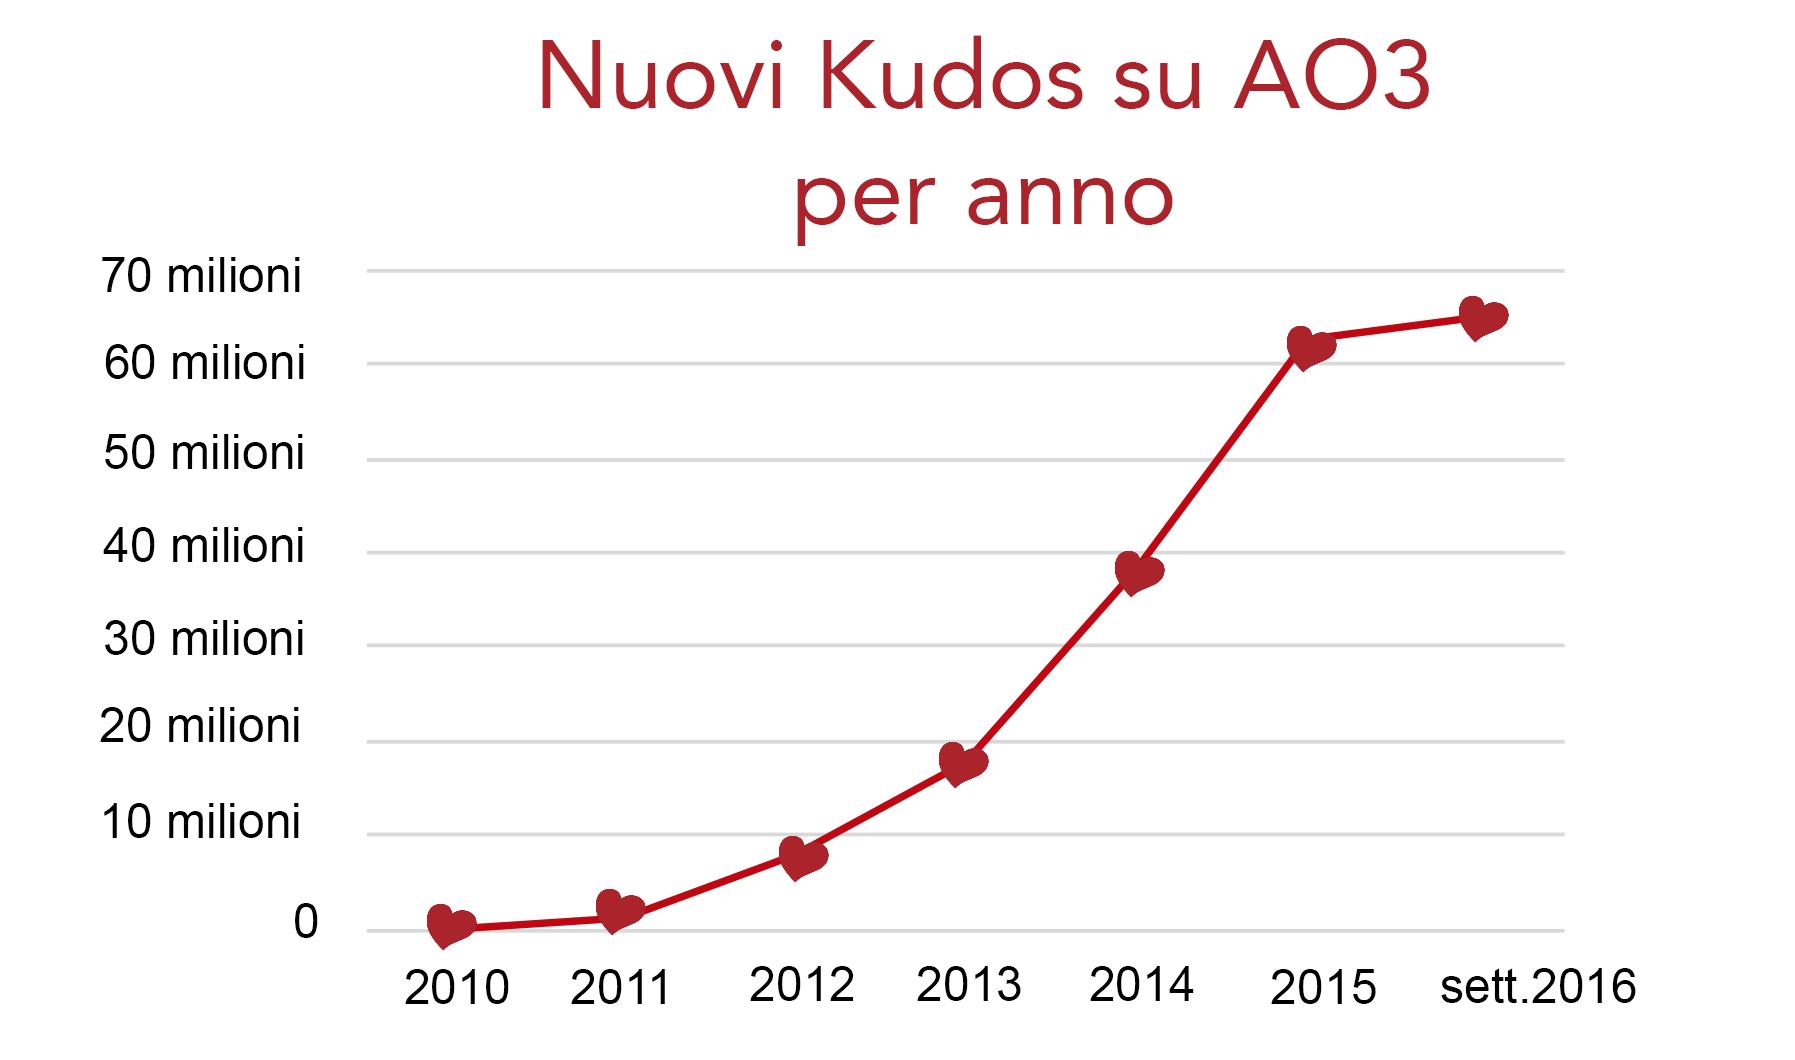 Grafico sull'incremento dei kudos in AO3, da zero nel 2010 a oltre 60 milioni a settembre 2016.